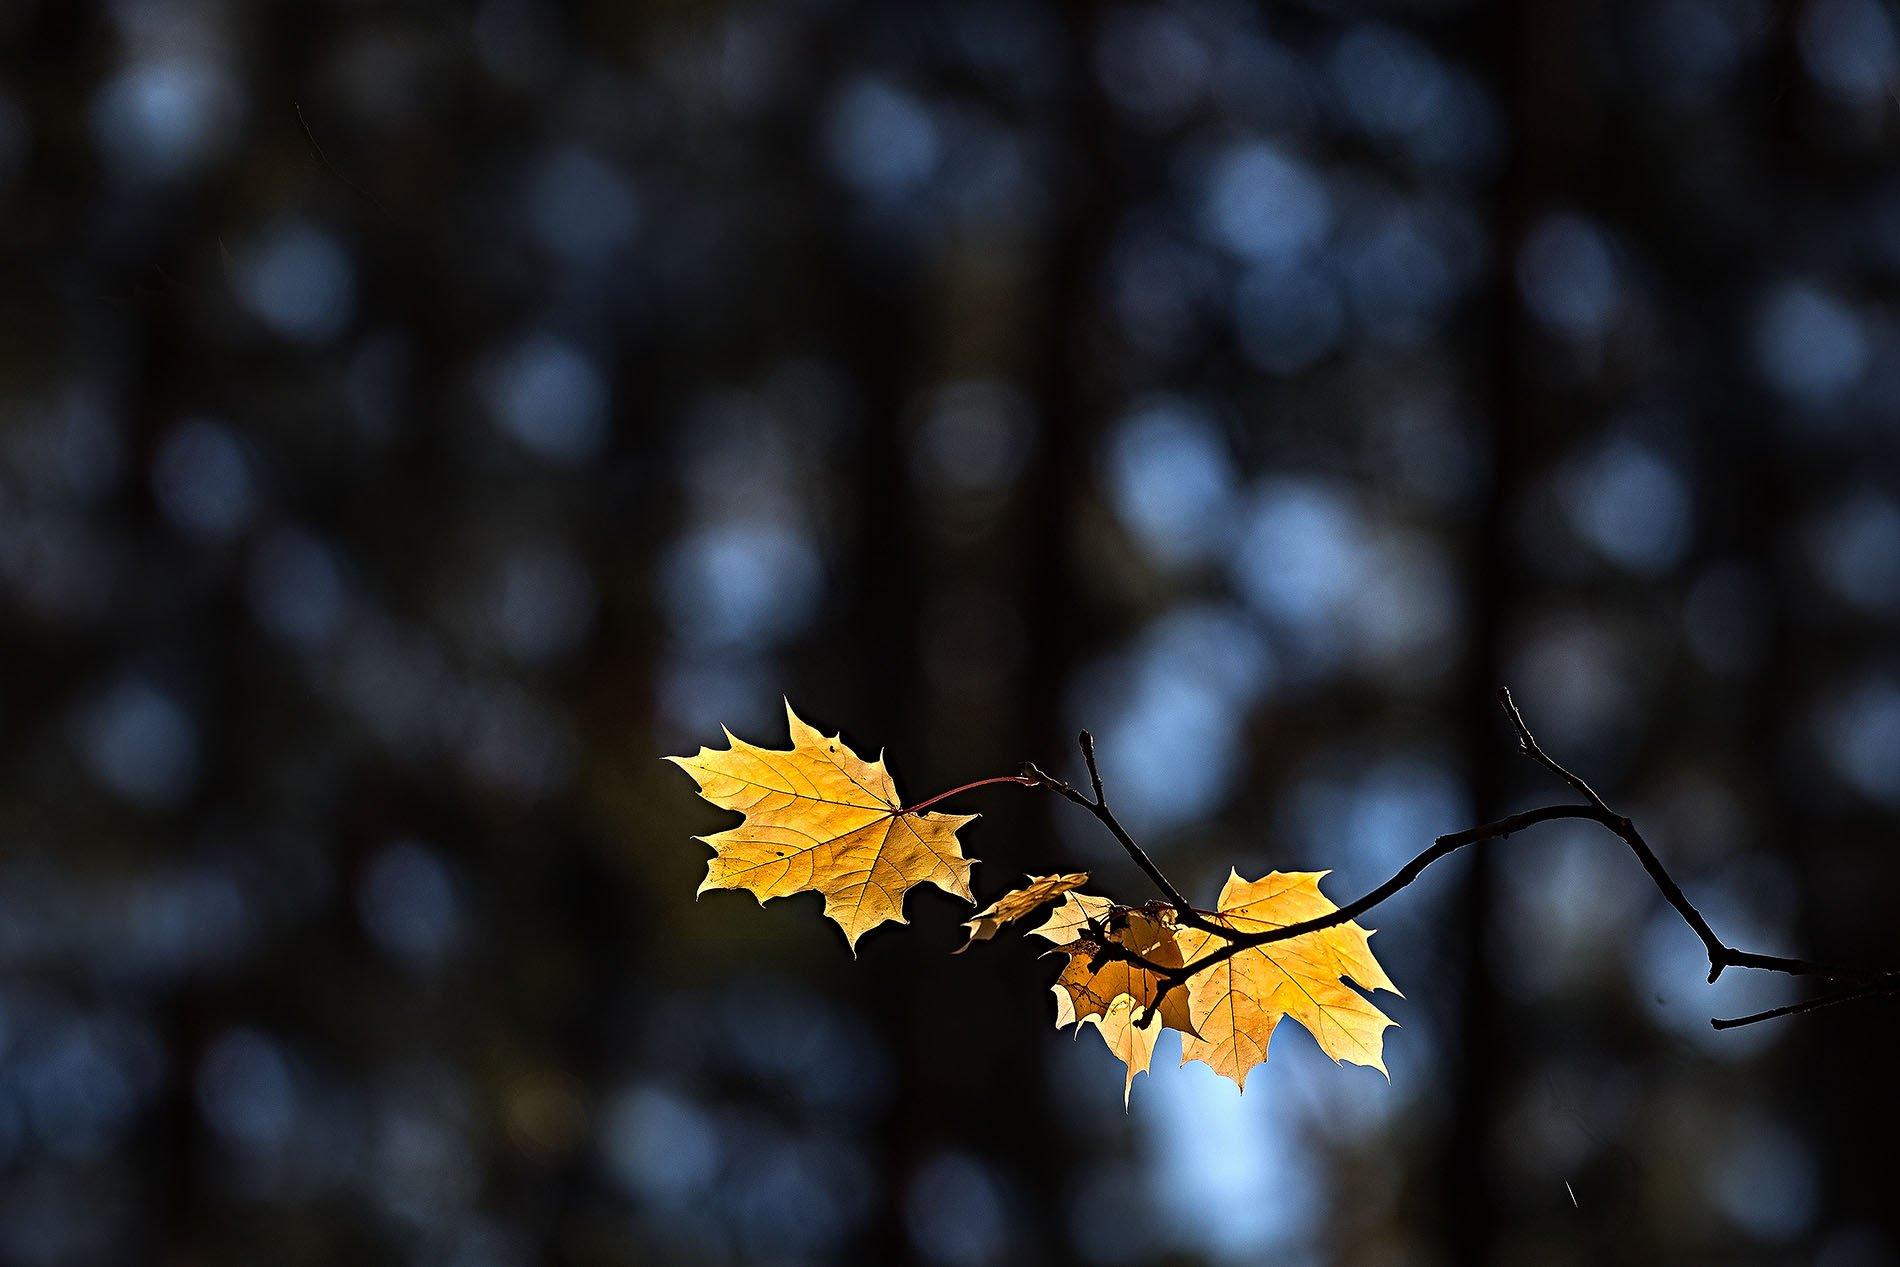 орск, осень, 2018, пейзаж, канадский клён, листья, лес, Качурин Алексей